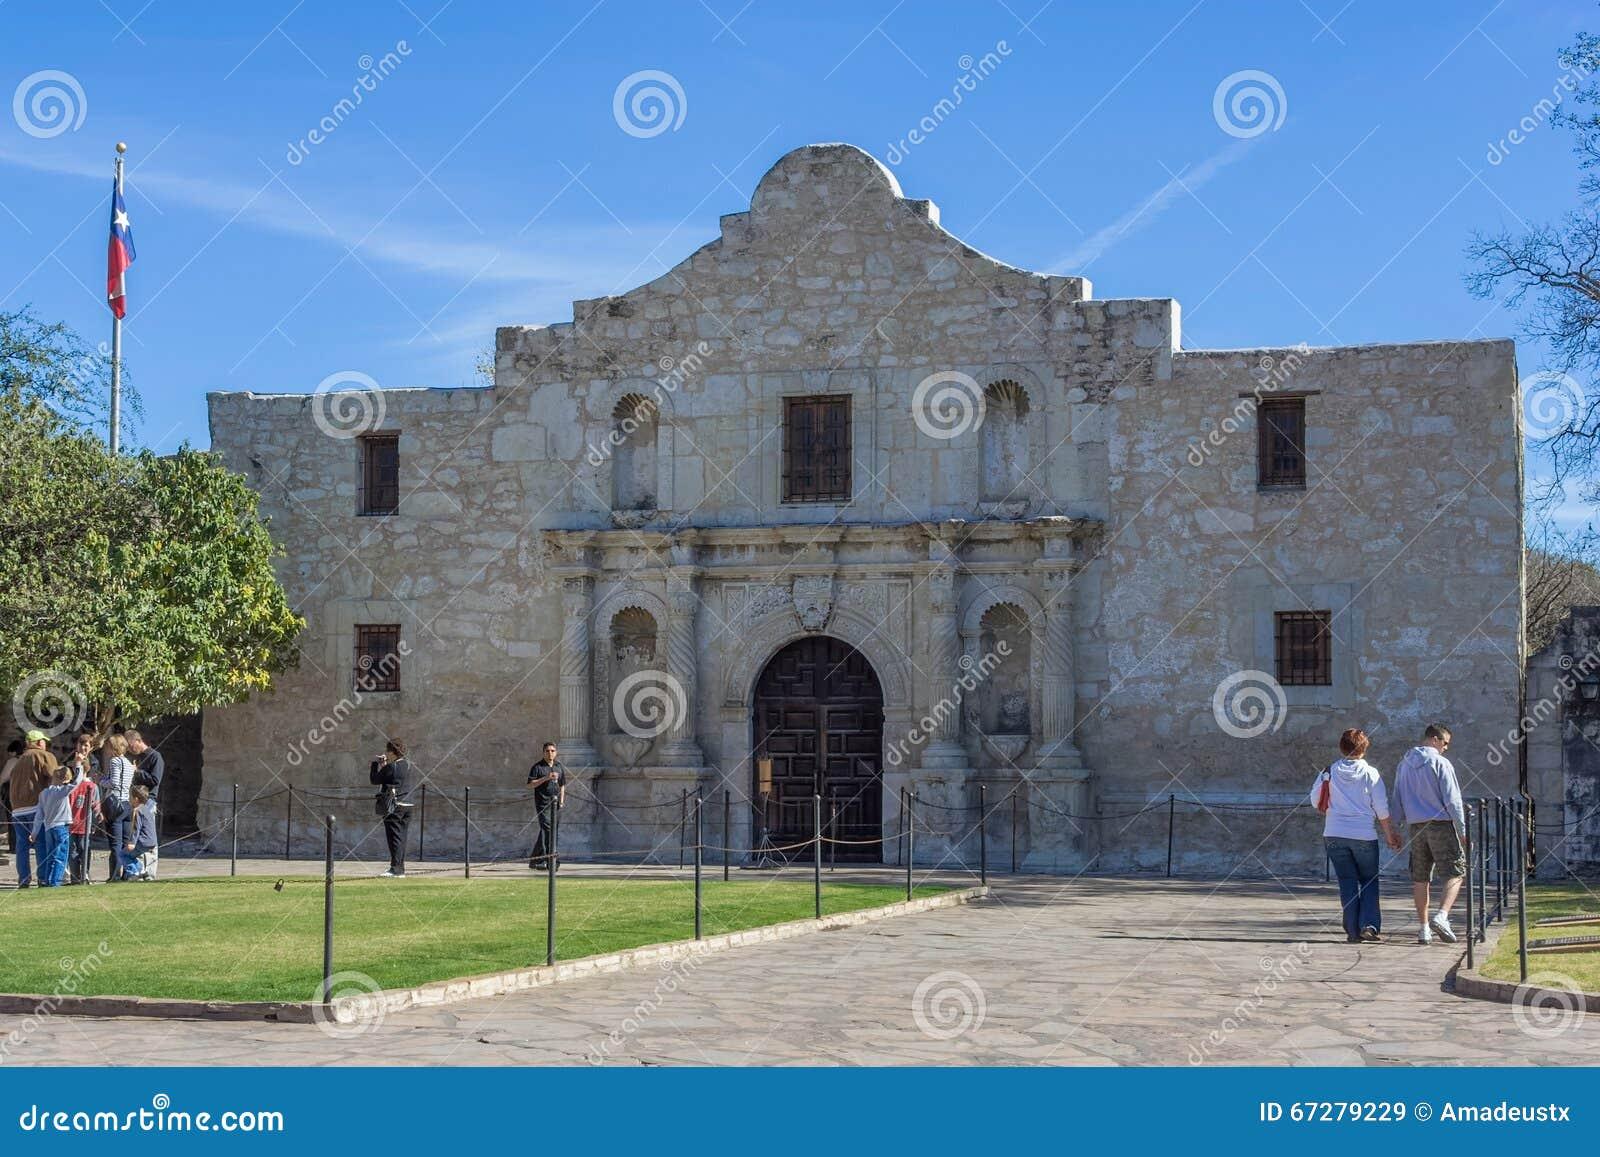 Сан Антонио, TX/USA - около ноябрь 2015: Полет Alamo в Сан Антонио, Техас